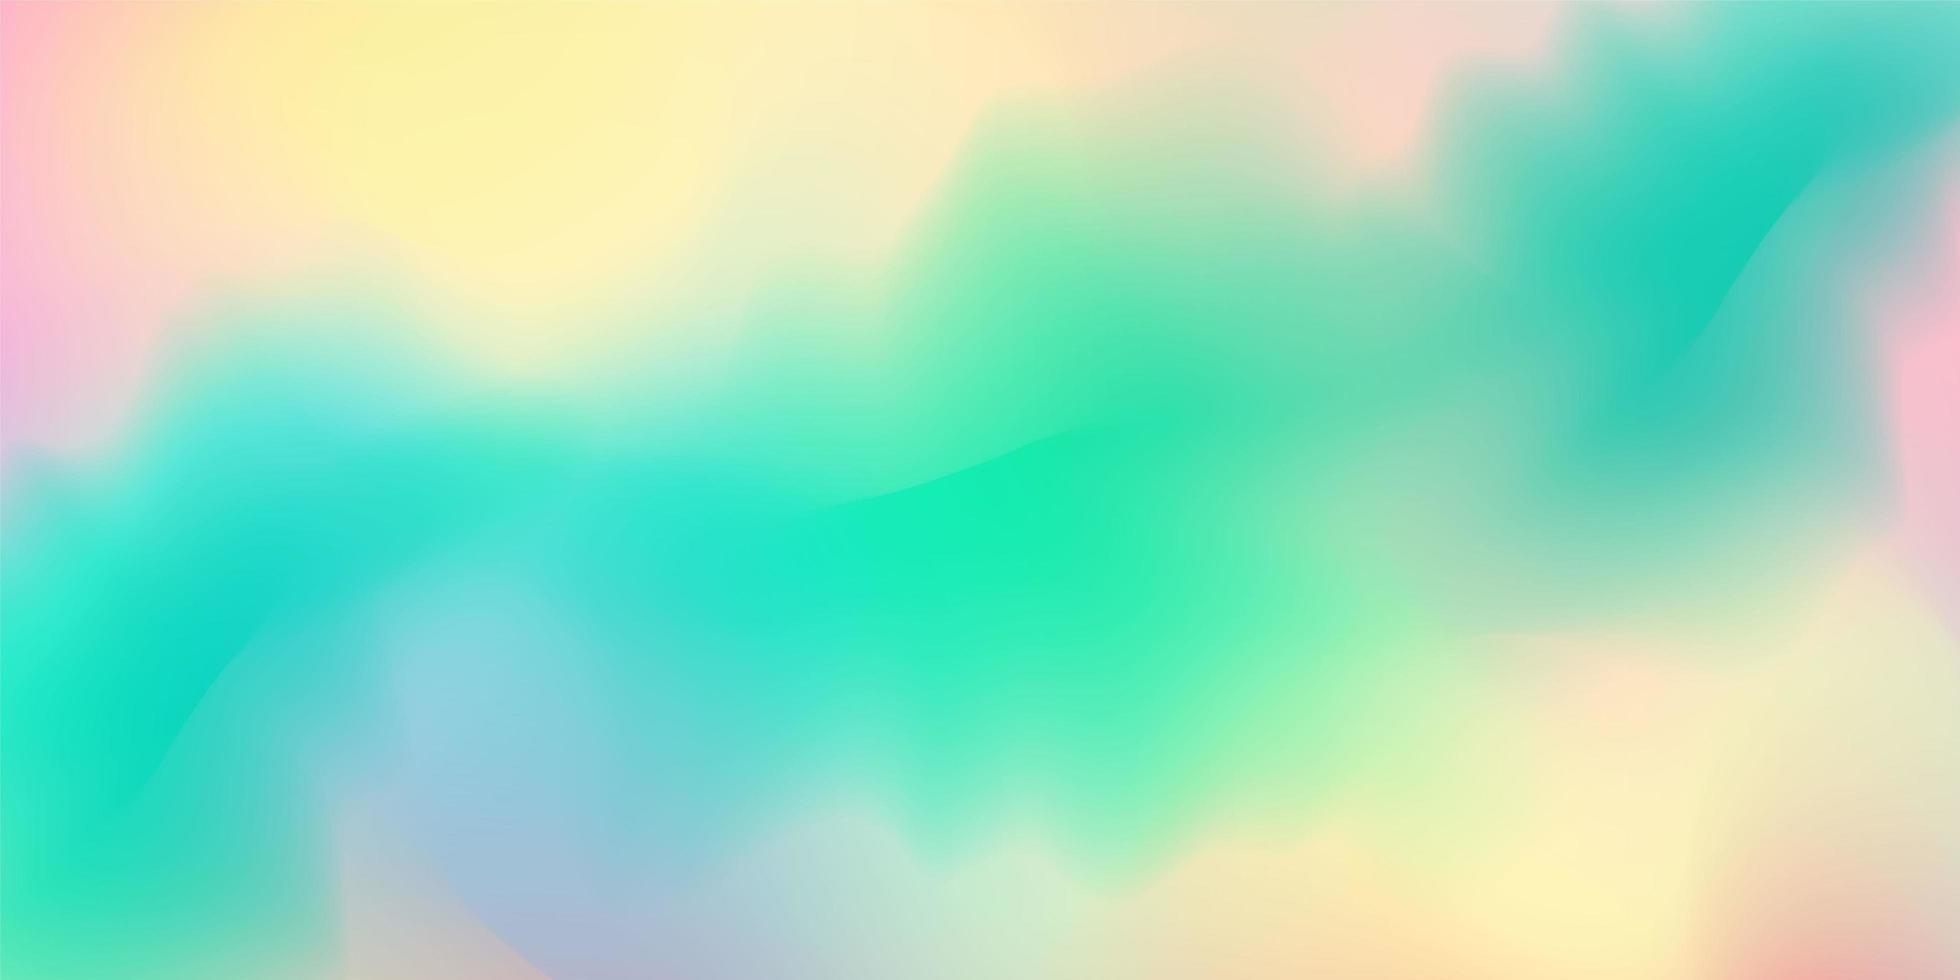 abstraktes pastellfarbenes buntes Farbverlaufshintergrundkonzept für Ihr grafisches buntes Design vektor